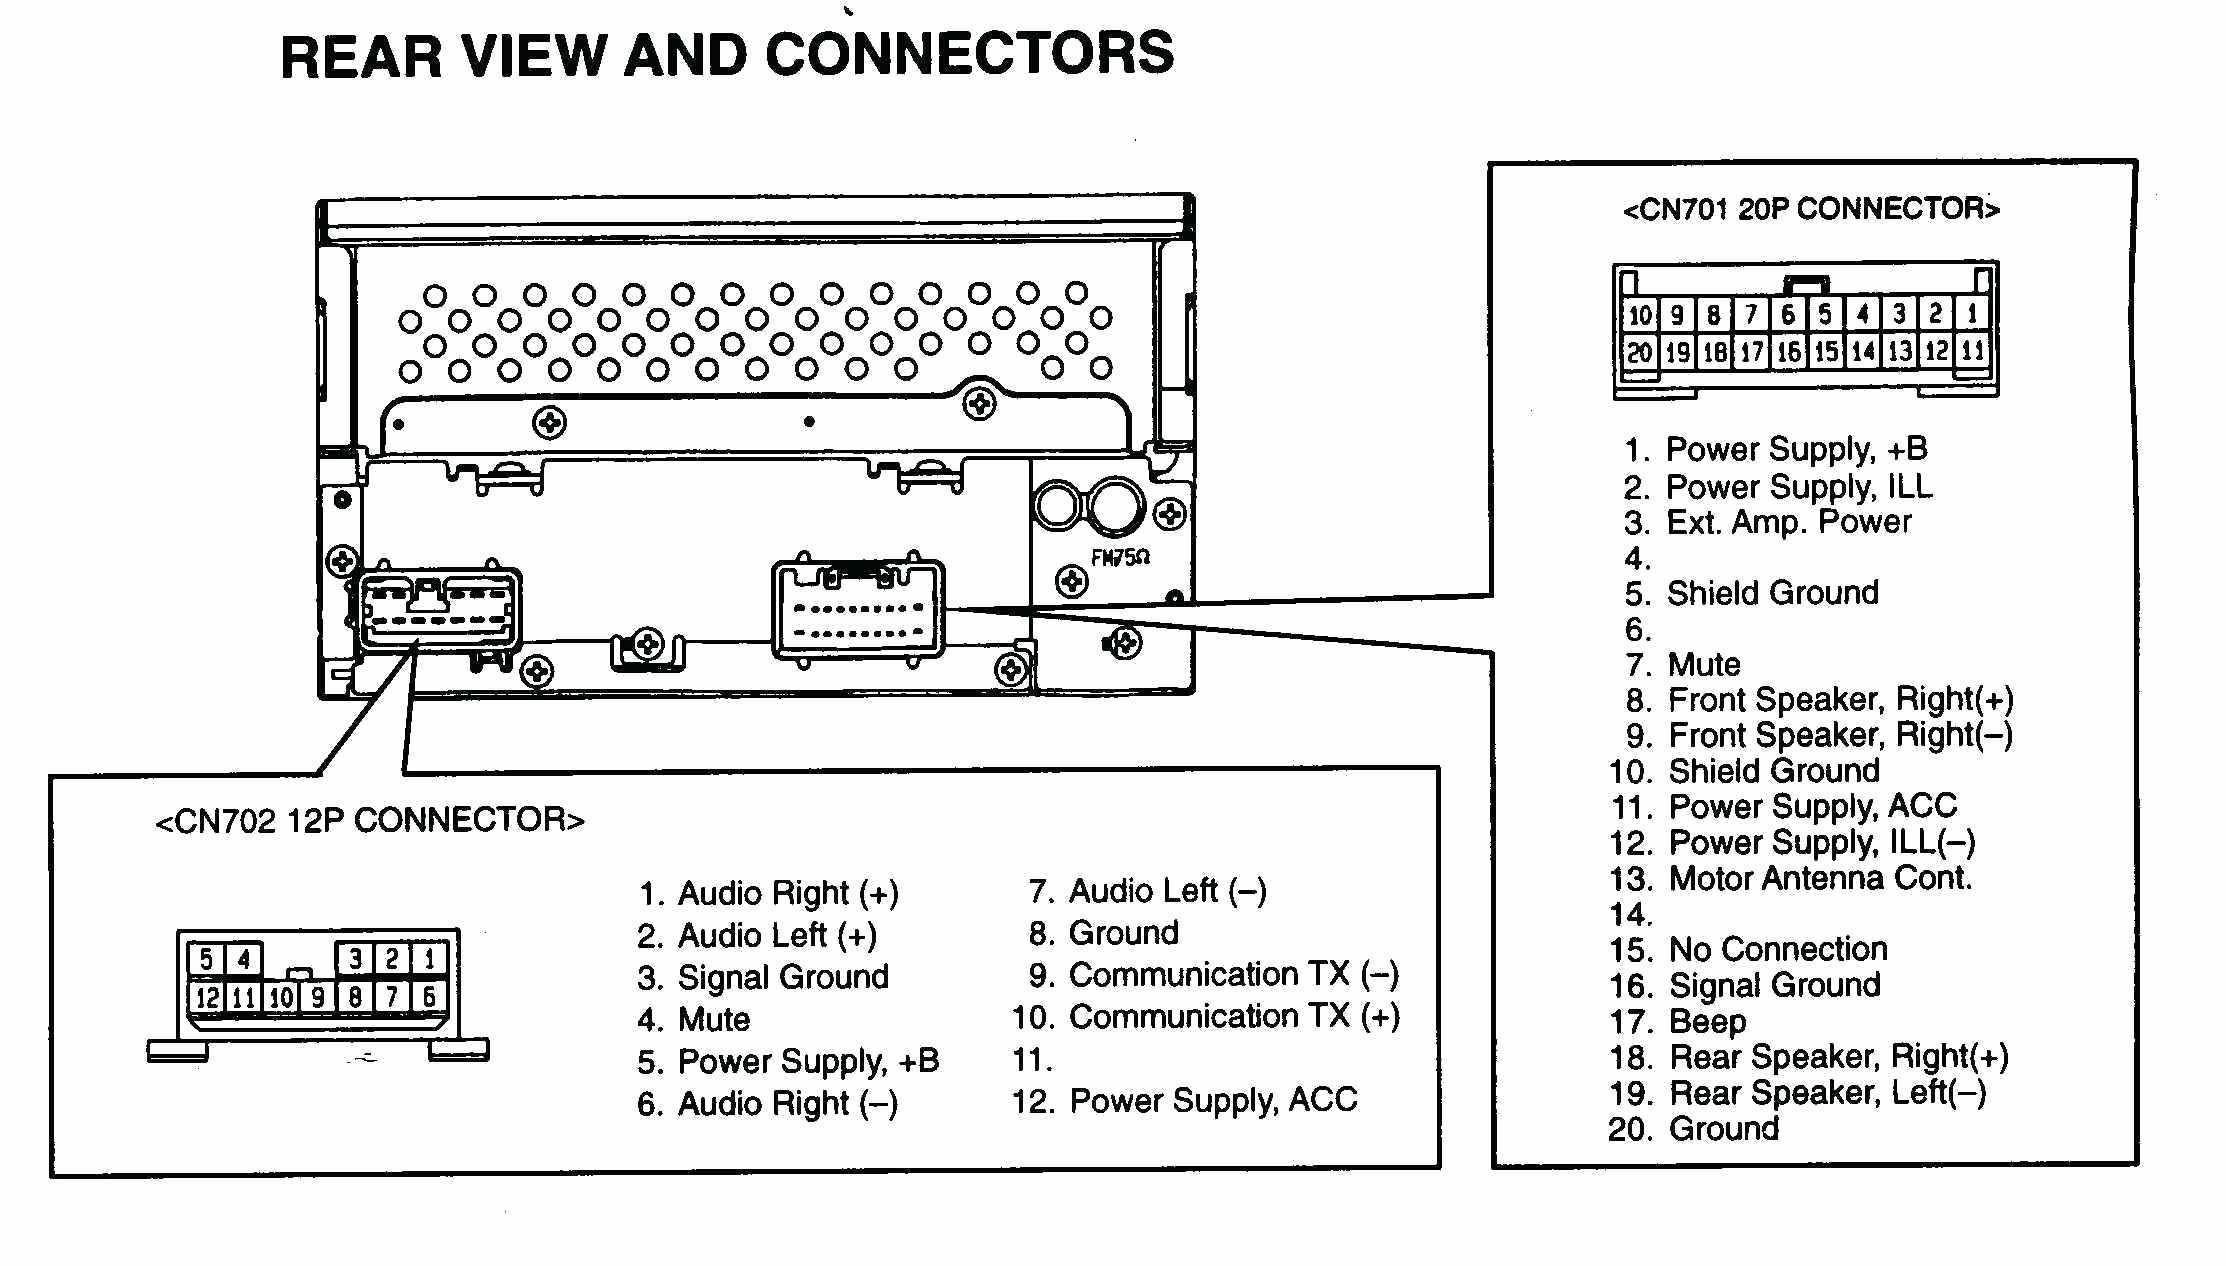 Panasonic Car Stereo Wiring Diagram Audi Car Stereo Wiring Diagram Another Blog About Wiring Diagram • Of Panasonic Car Stereo Wiring Diagram